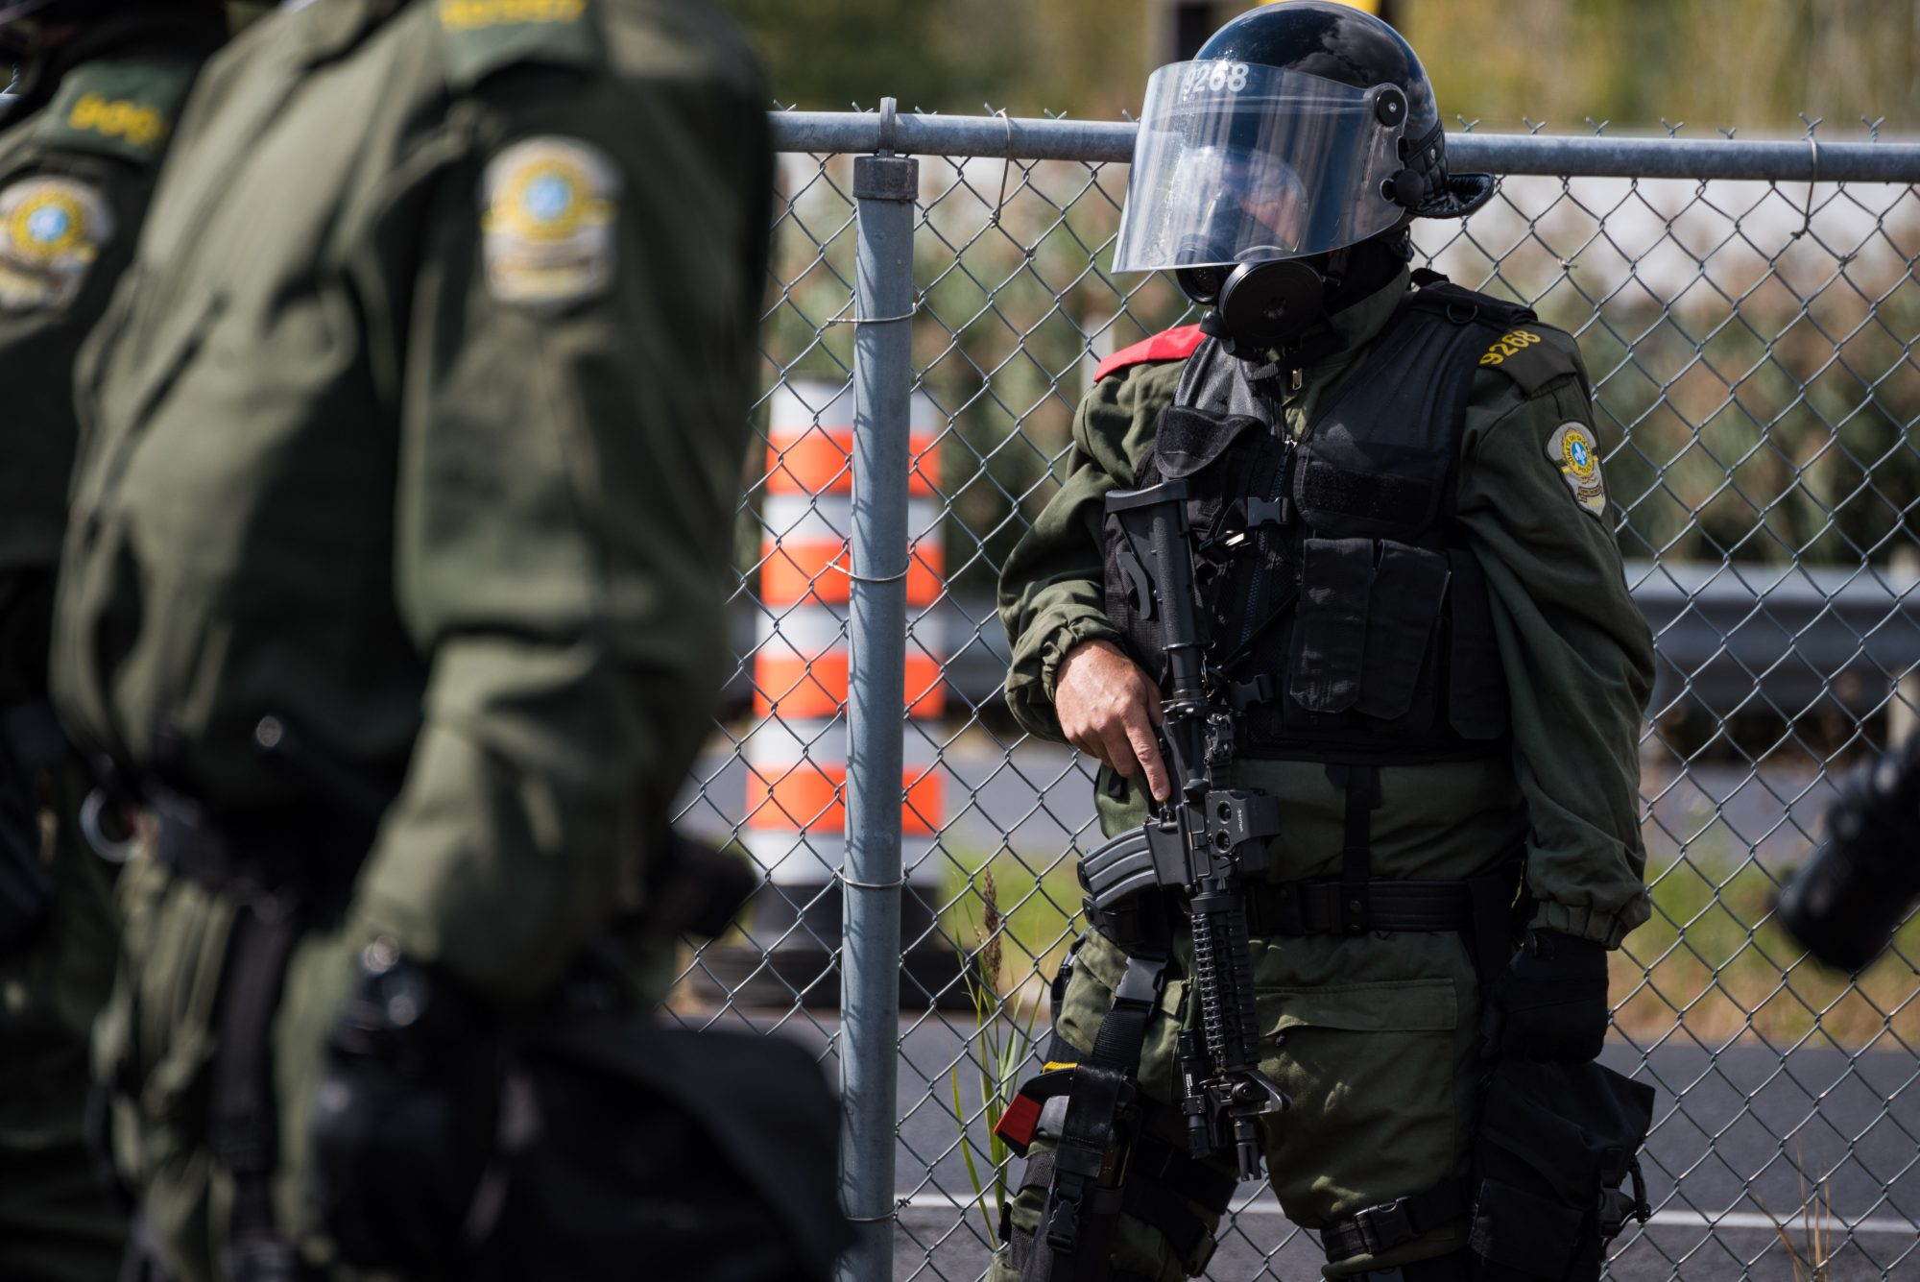 Un fusil d'assaut déployé sur un des agents de la Sûreté du Québec observant les deux manifestations | Photo: Martin Ouellet-Diotte Montréal Campus